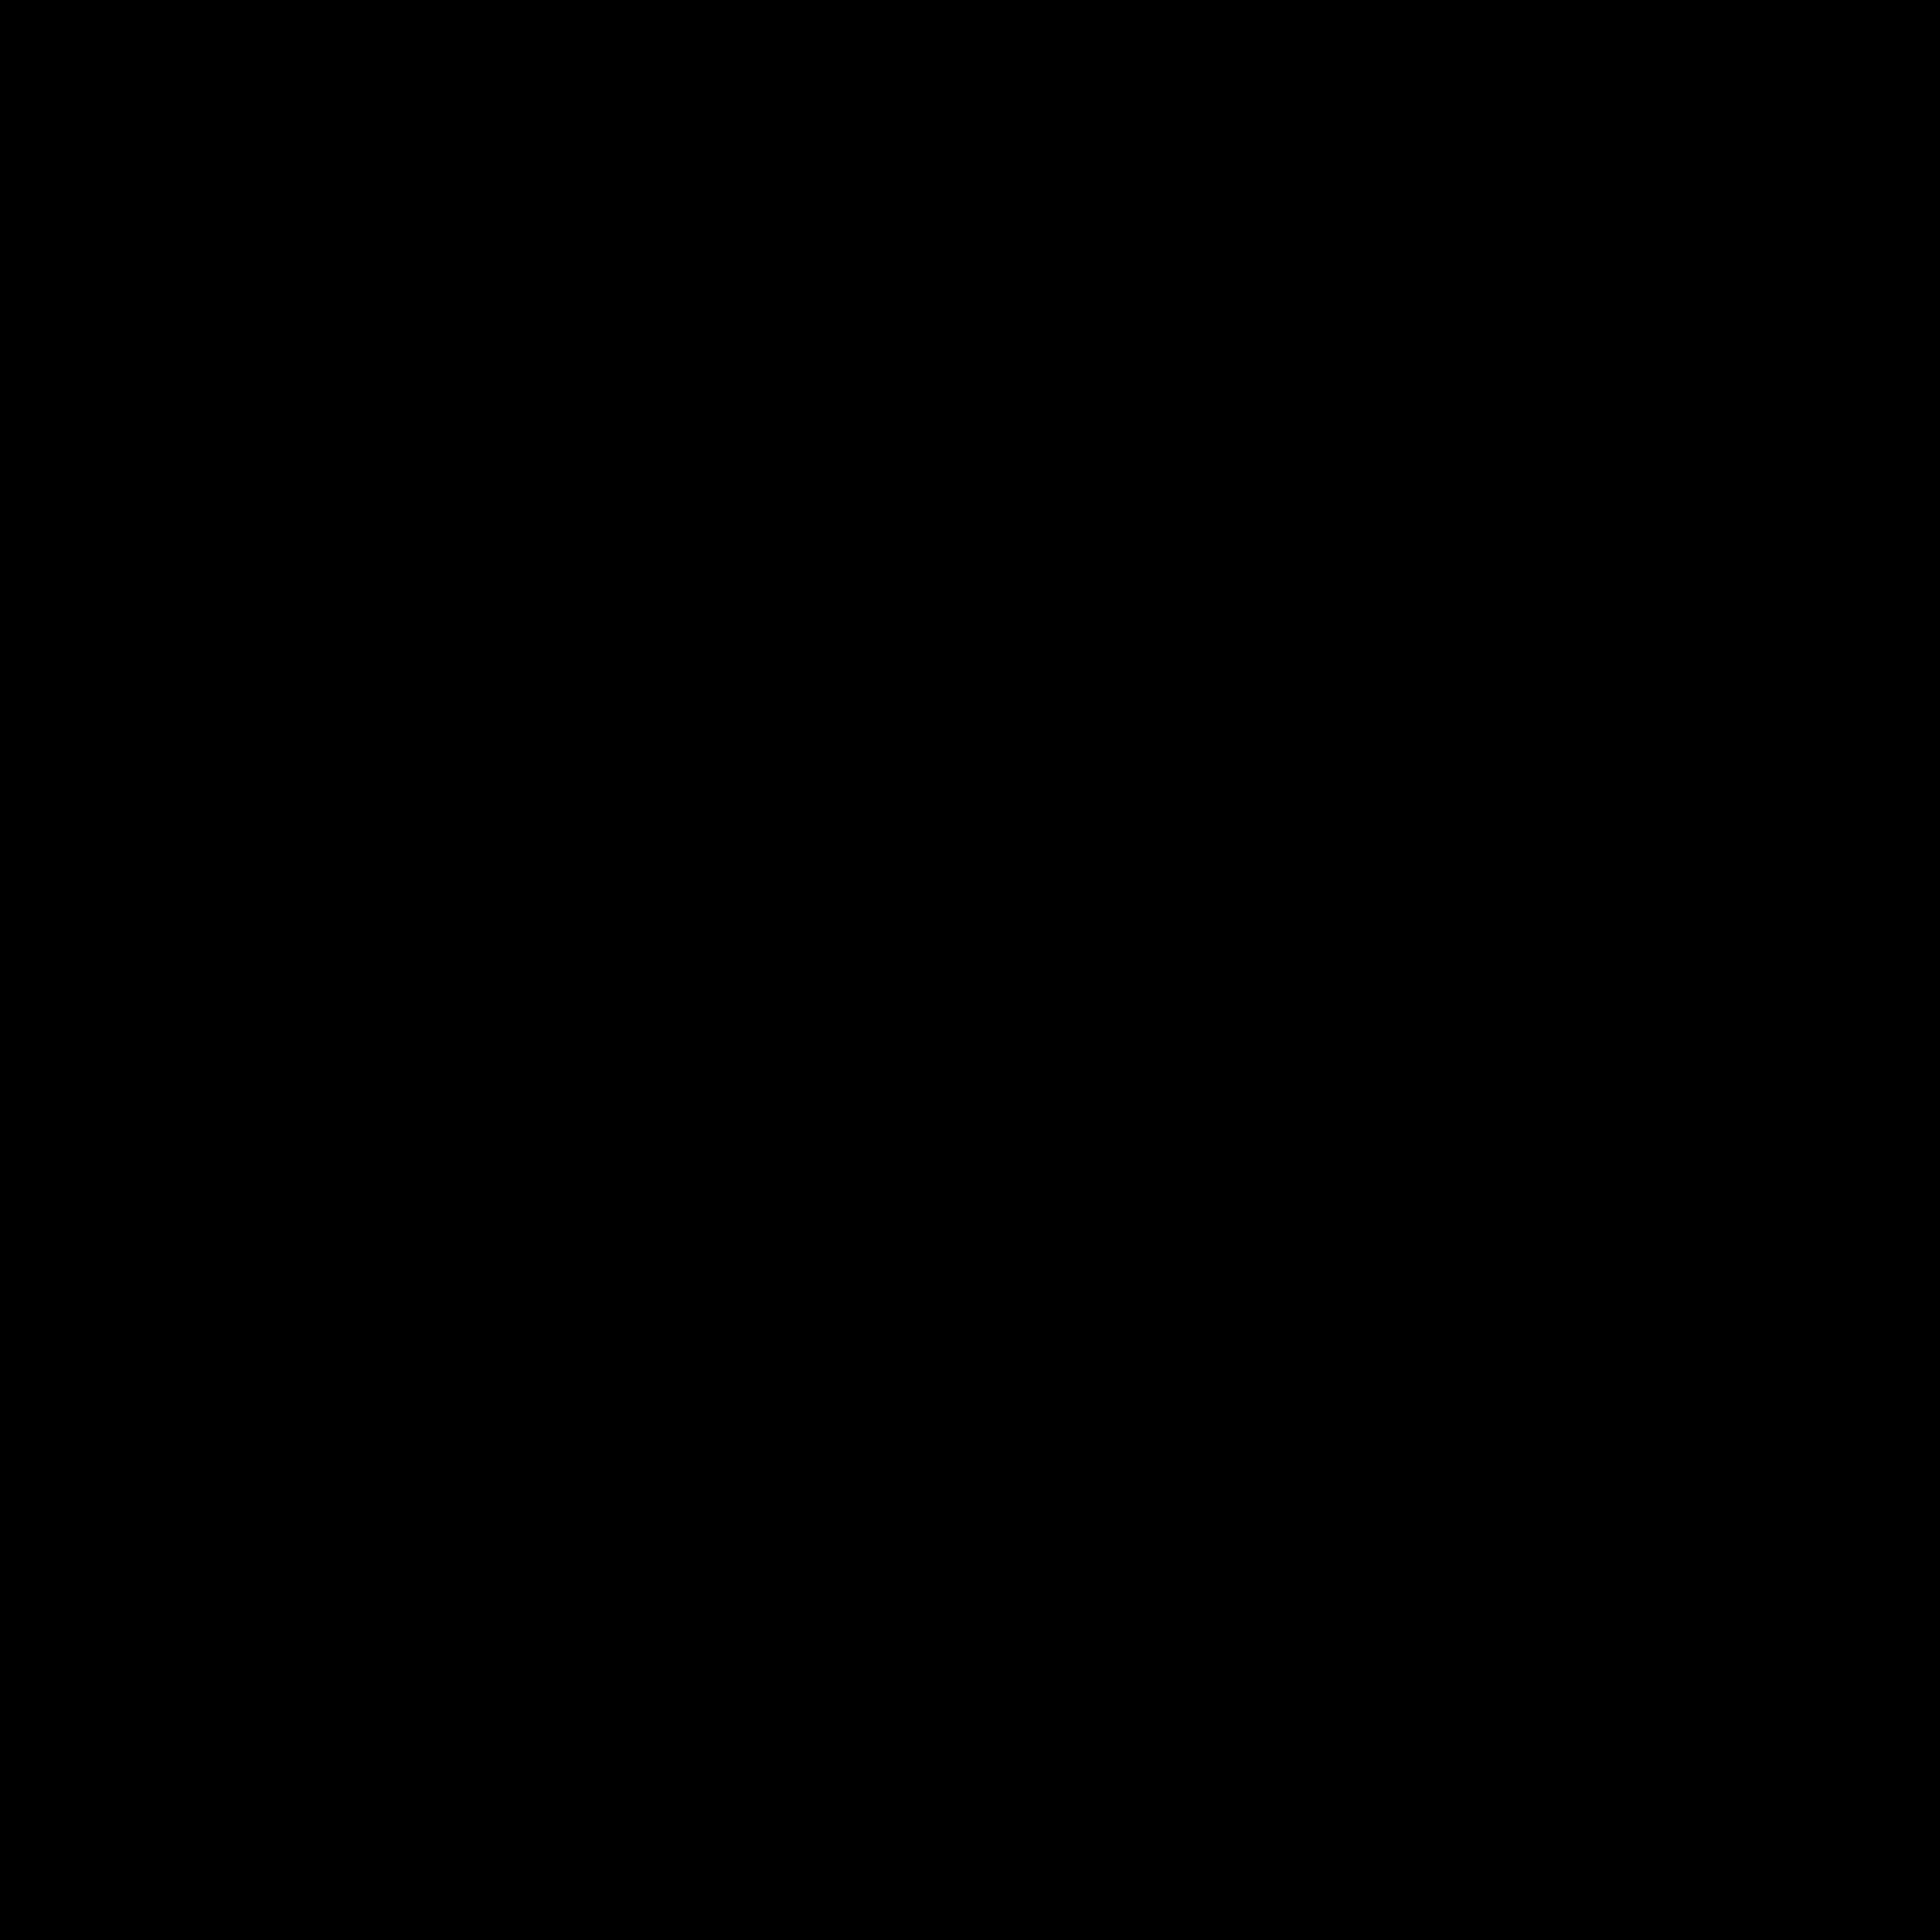 LVM Versicherung Michael Schreiner - Versicherungsagentur